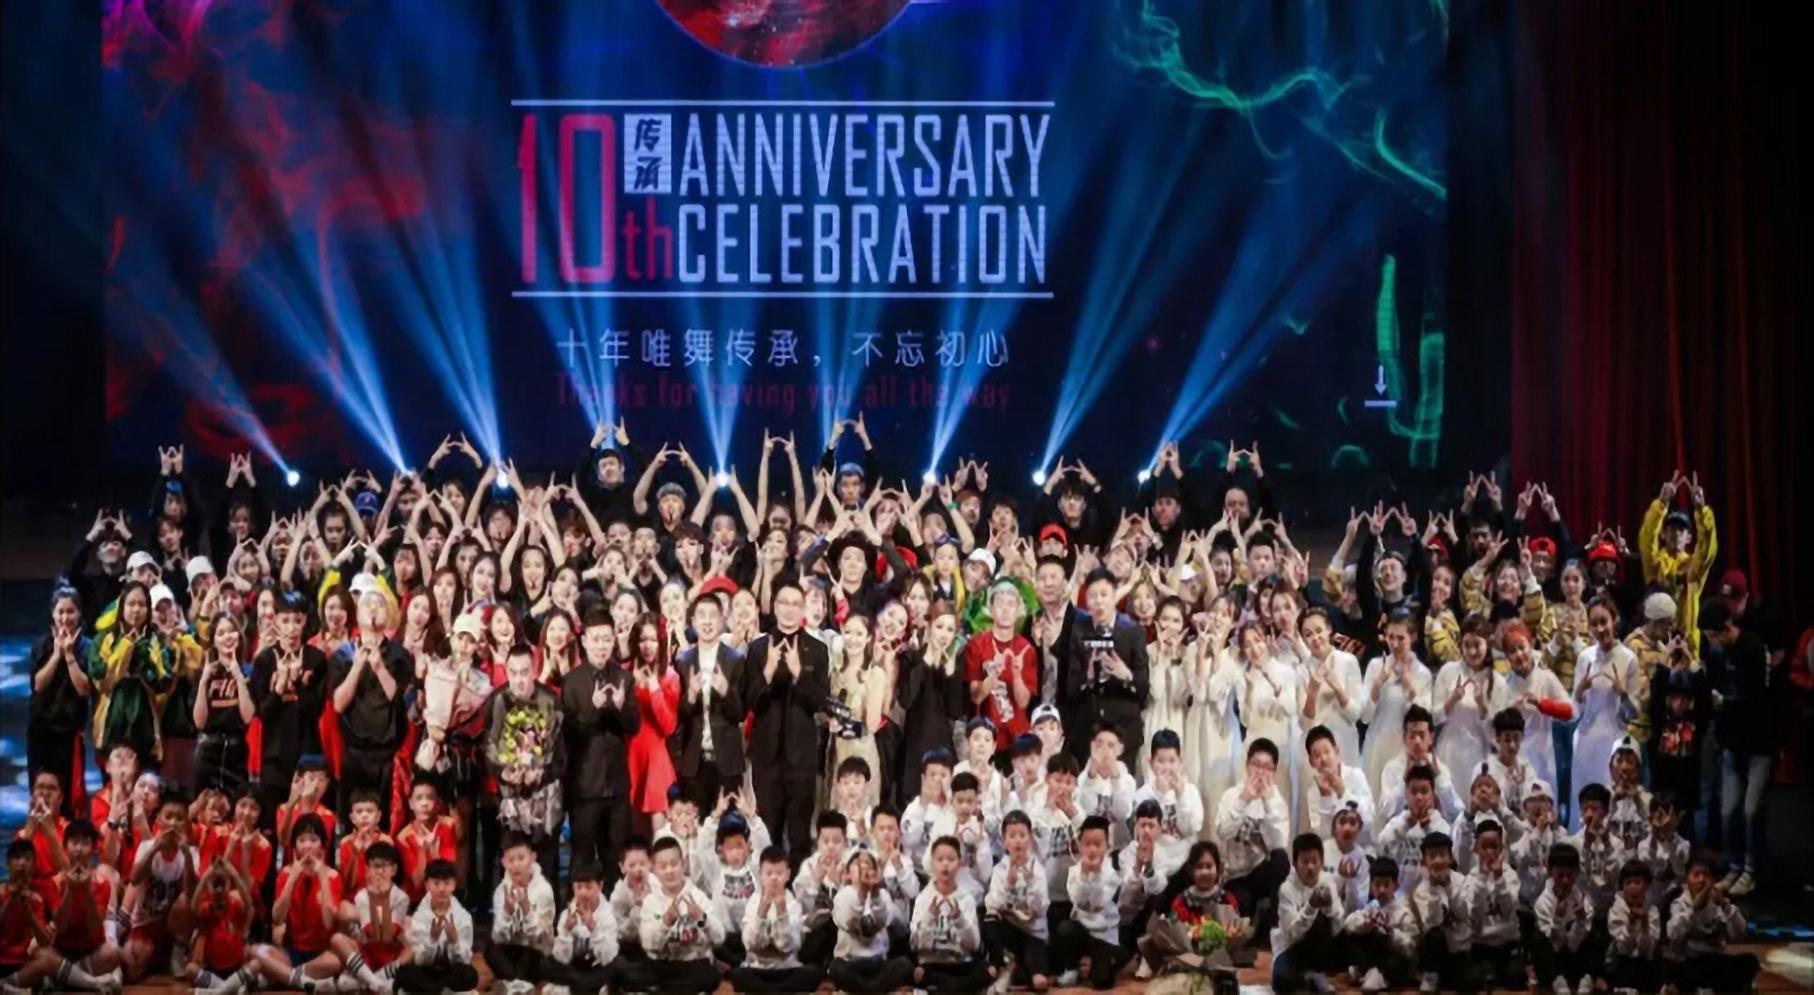 《唯舞十年 ▪ 从心出发》大型公演成功落幕